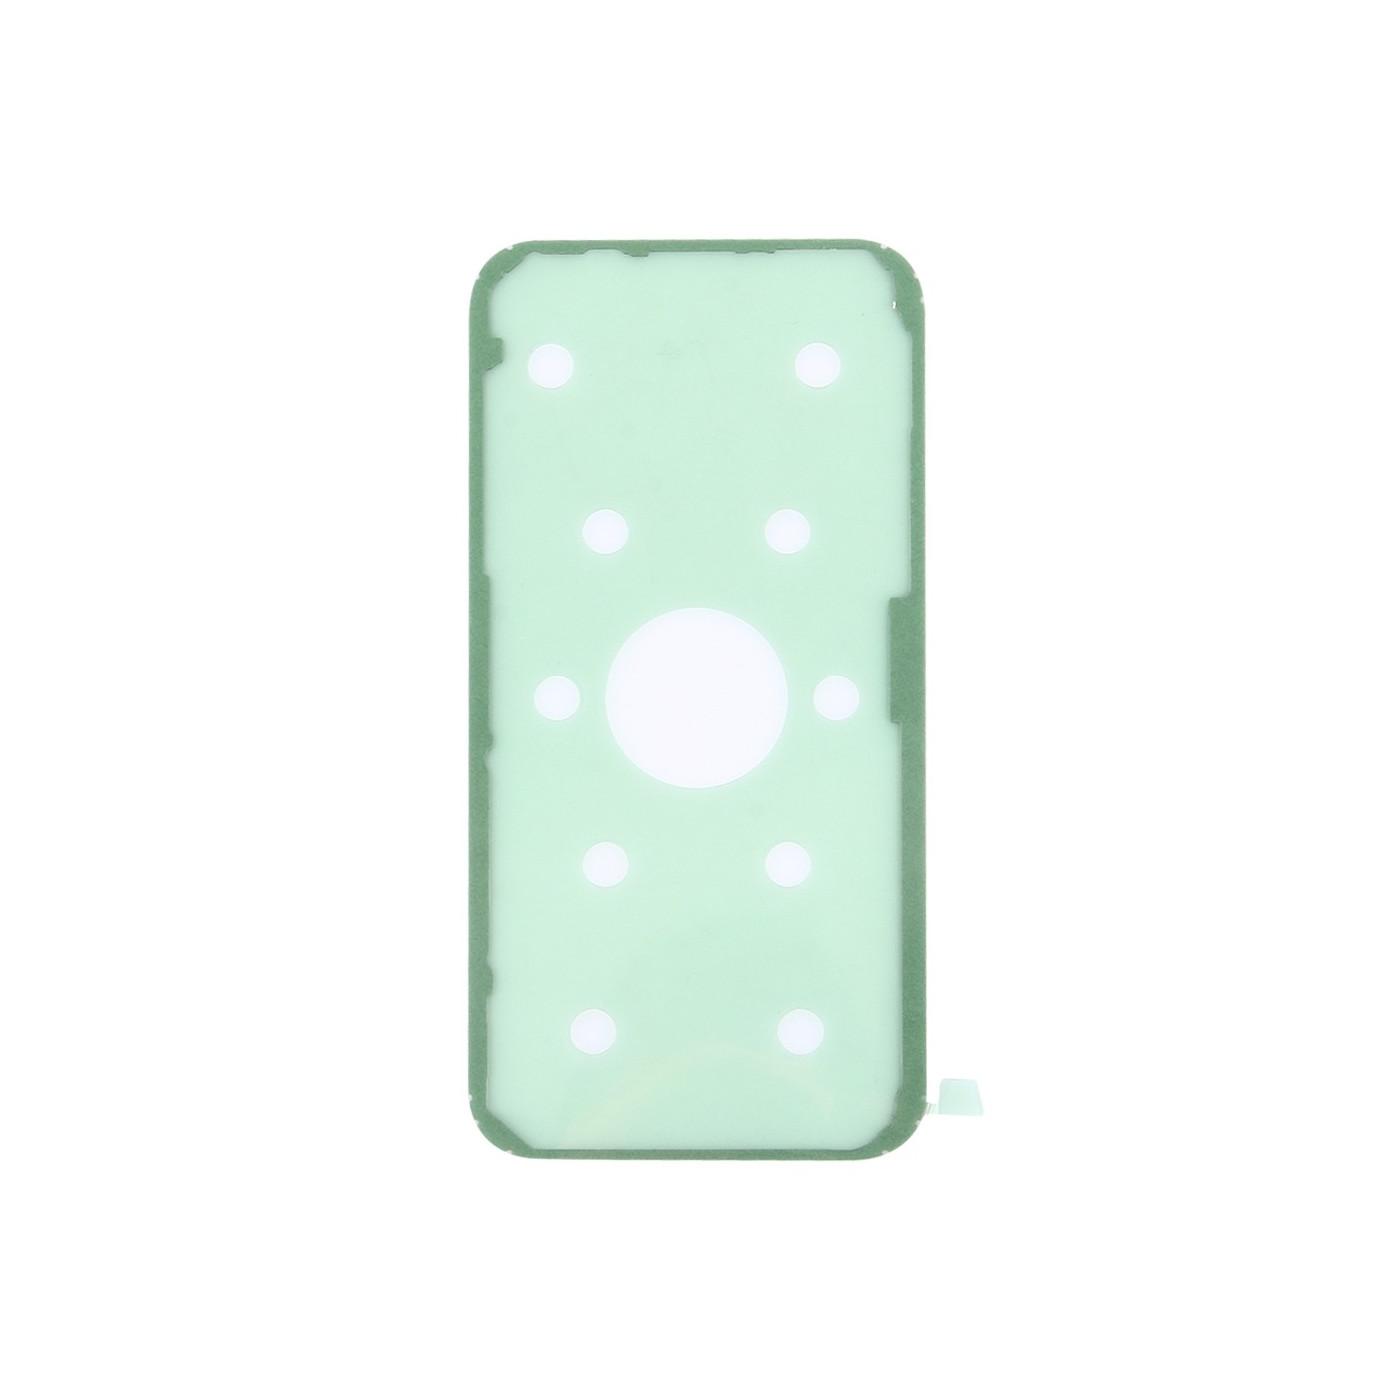 Coque arrière adhésive double face Samsung Galaxy A7 2017 A720 Coque arrière adhésive